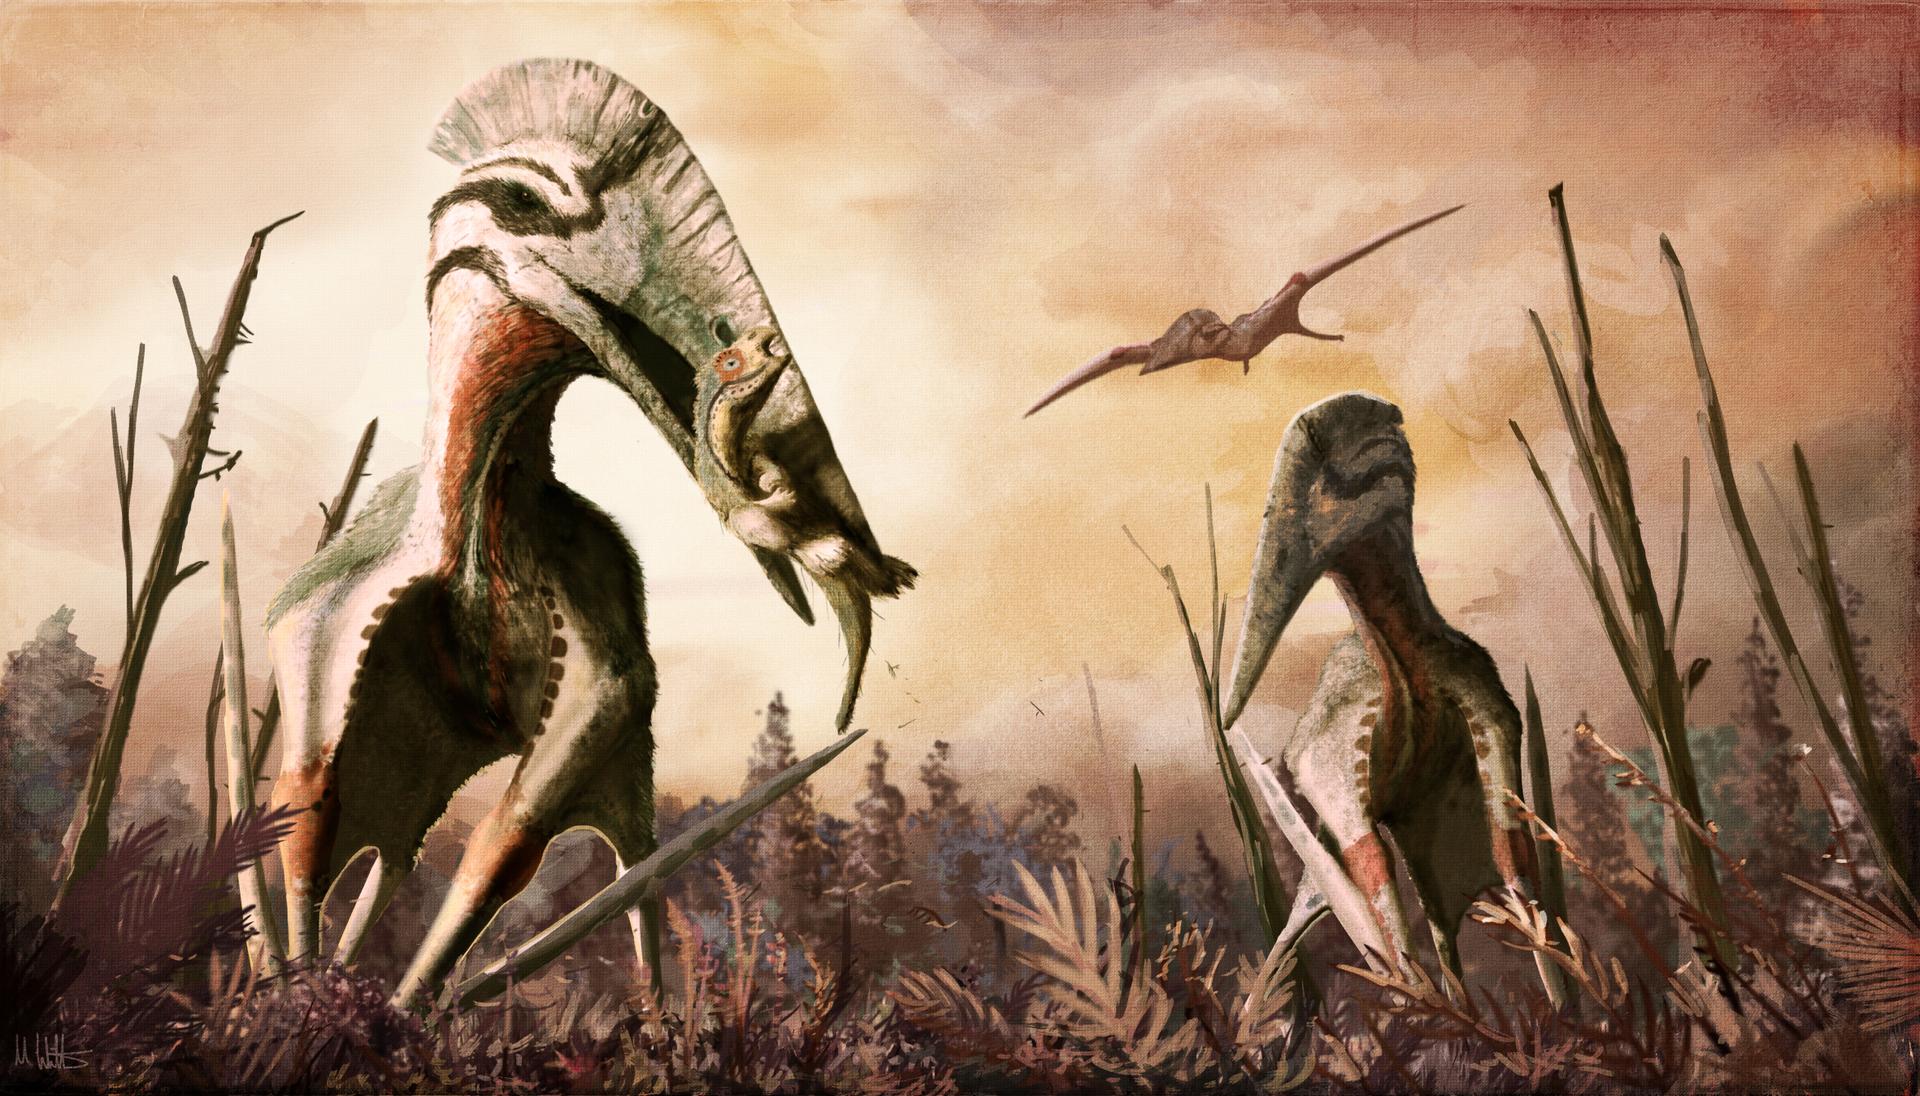 1920px-Hatzegopteryx.png